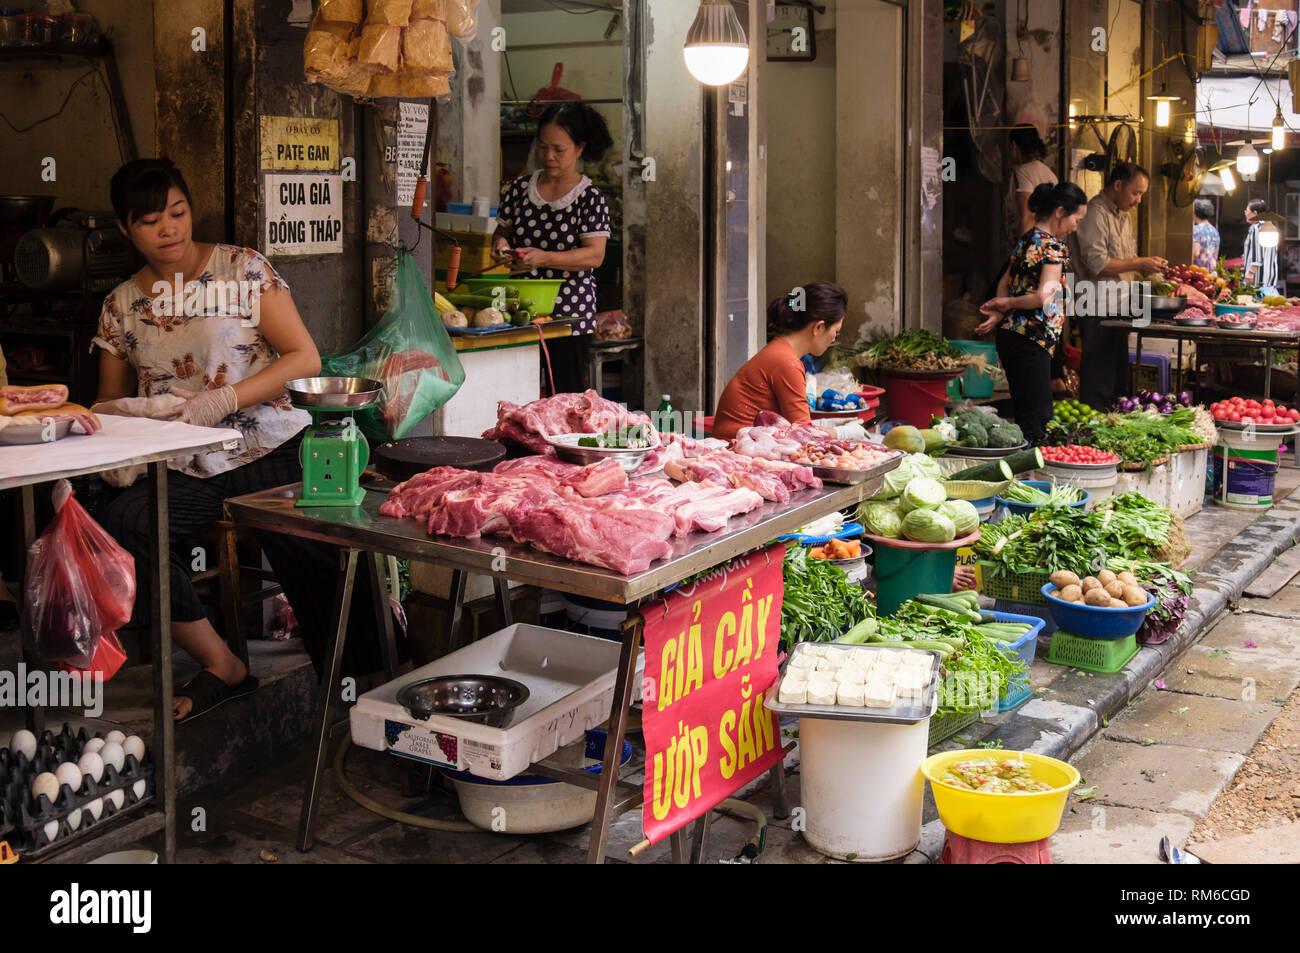 Straßenverkäufer Verkauf von unverpacktem Fleisch und Gemüse auf einer Garküche am Straßenrand in der Altstadt von Hanoi, Vietnam, Asien Stockbild